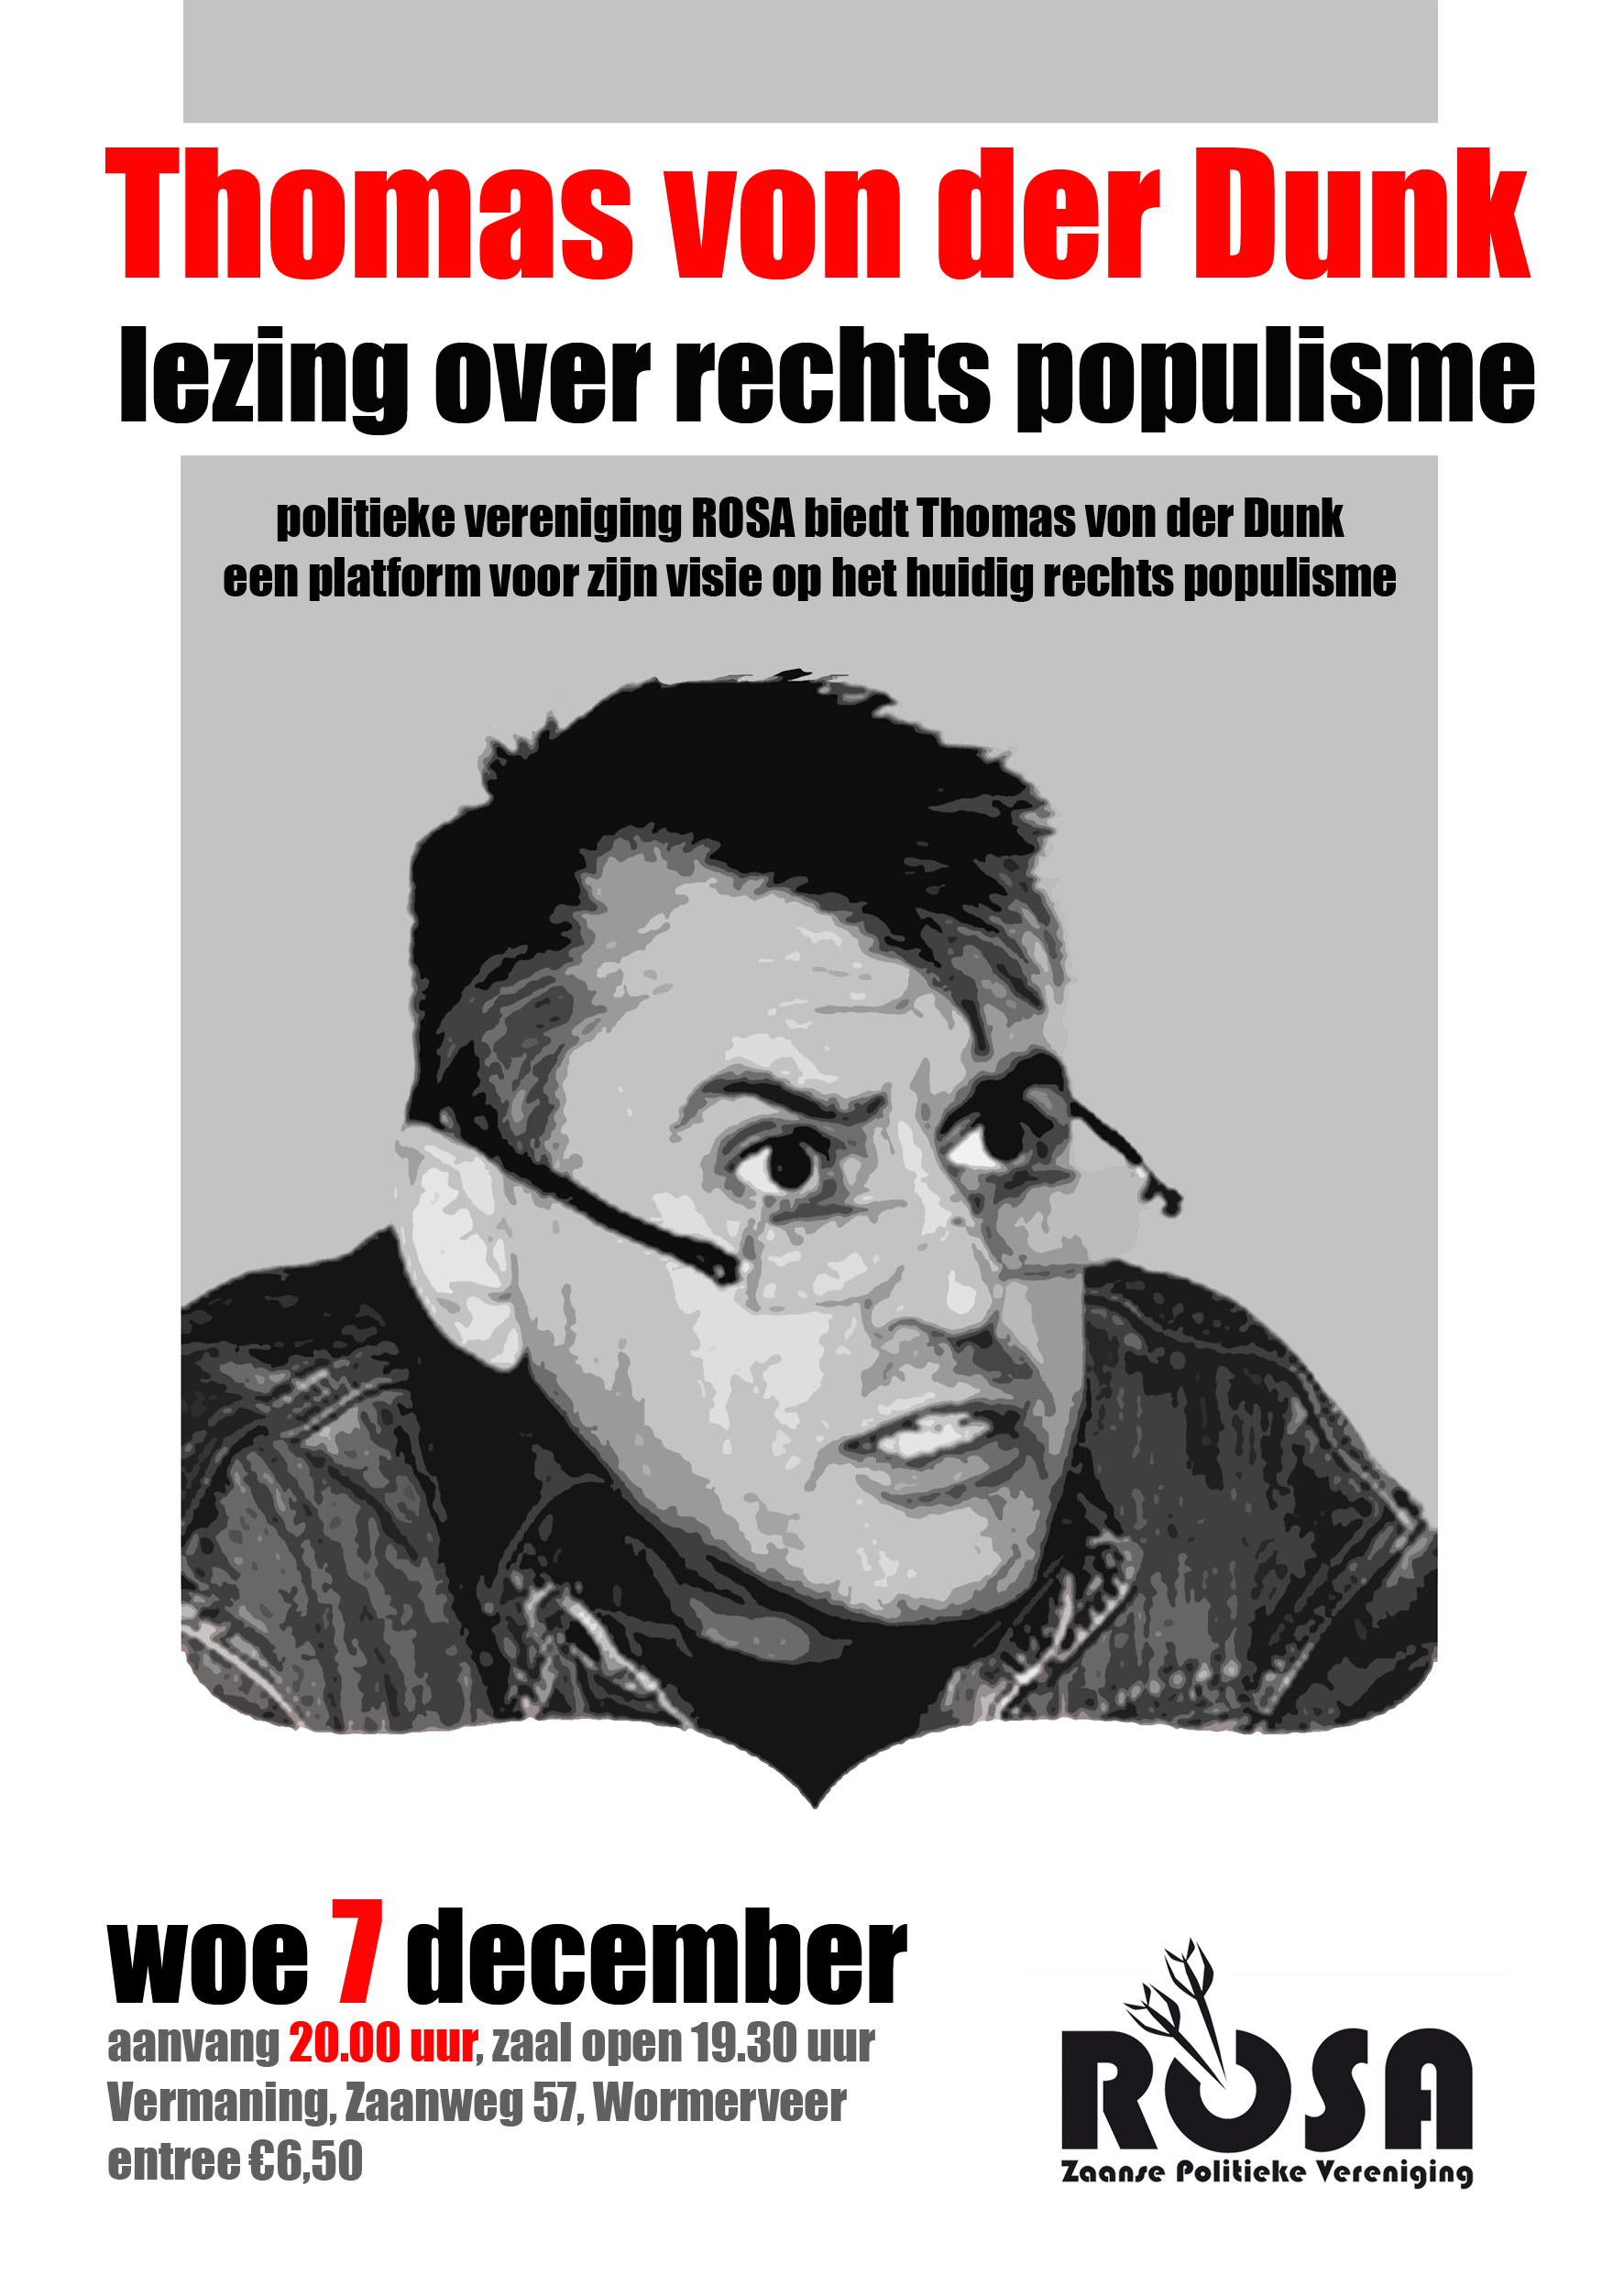 16-11-11-Flyer-Thomas-von-der-Dunk